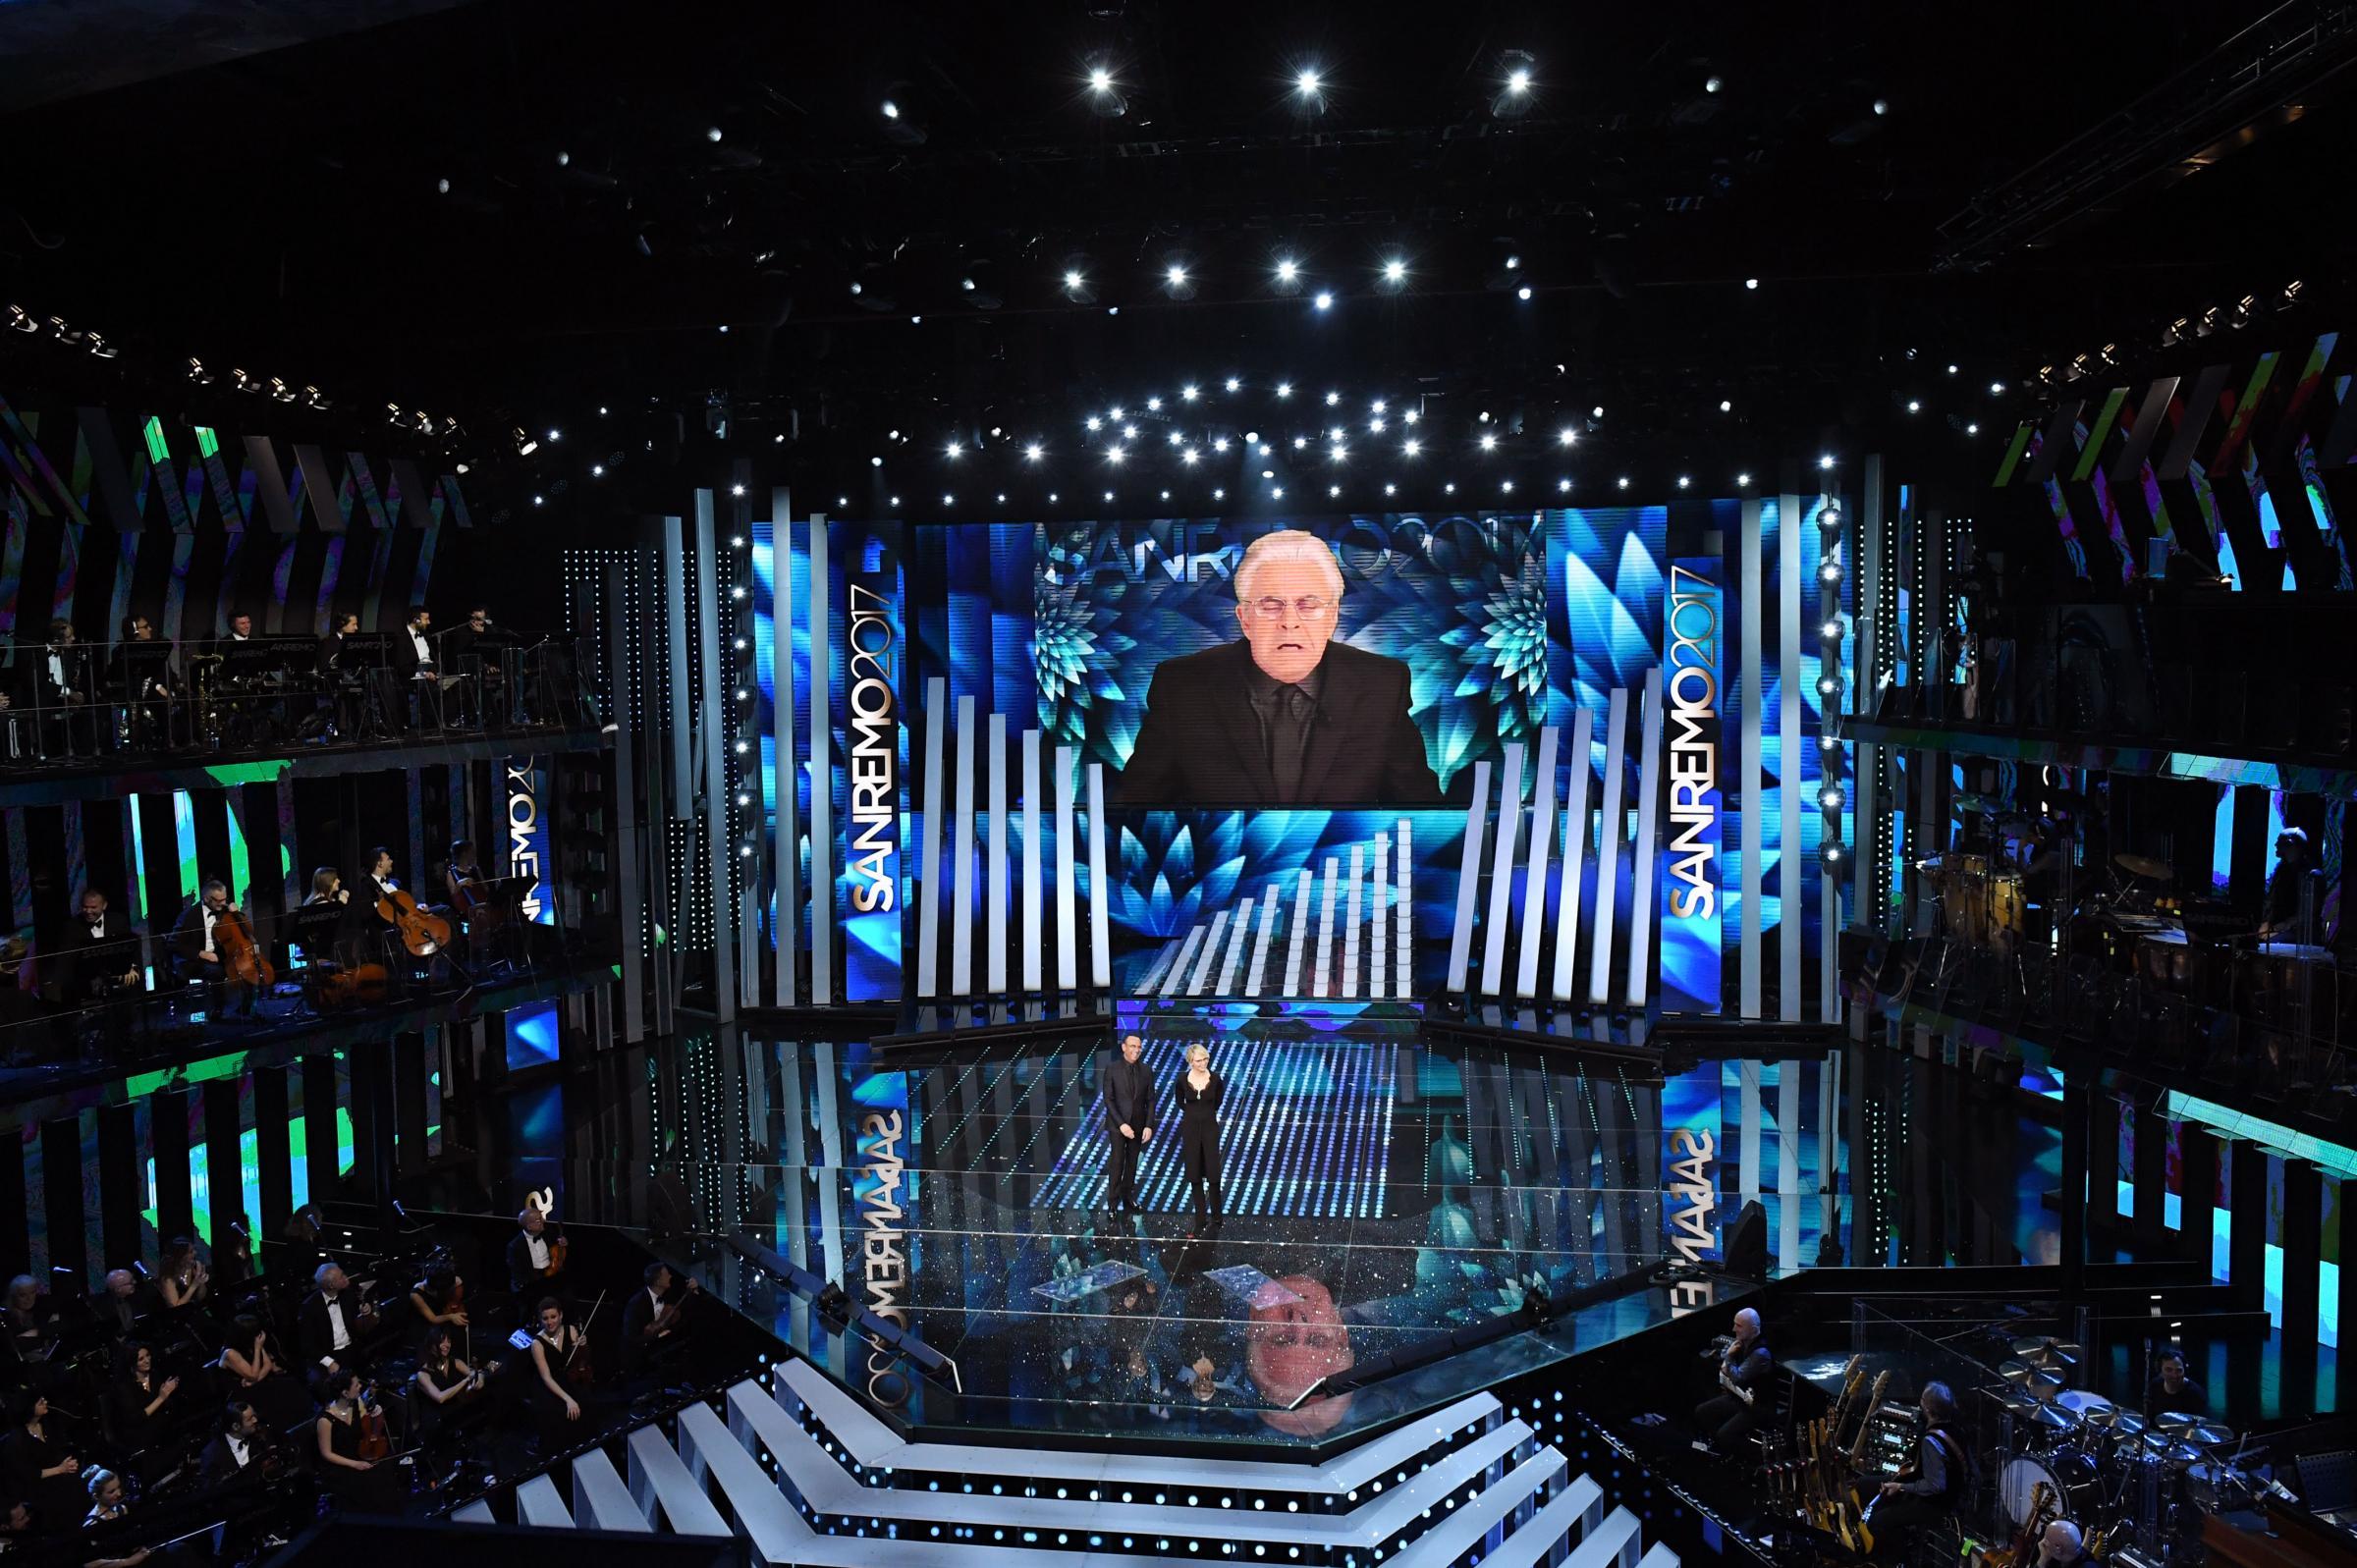 Sanremo 2017: la copertina di Crozza della seconda serata: 'Italiani siete vecchi, riproducetevi'